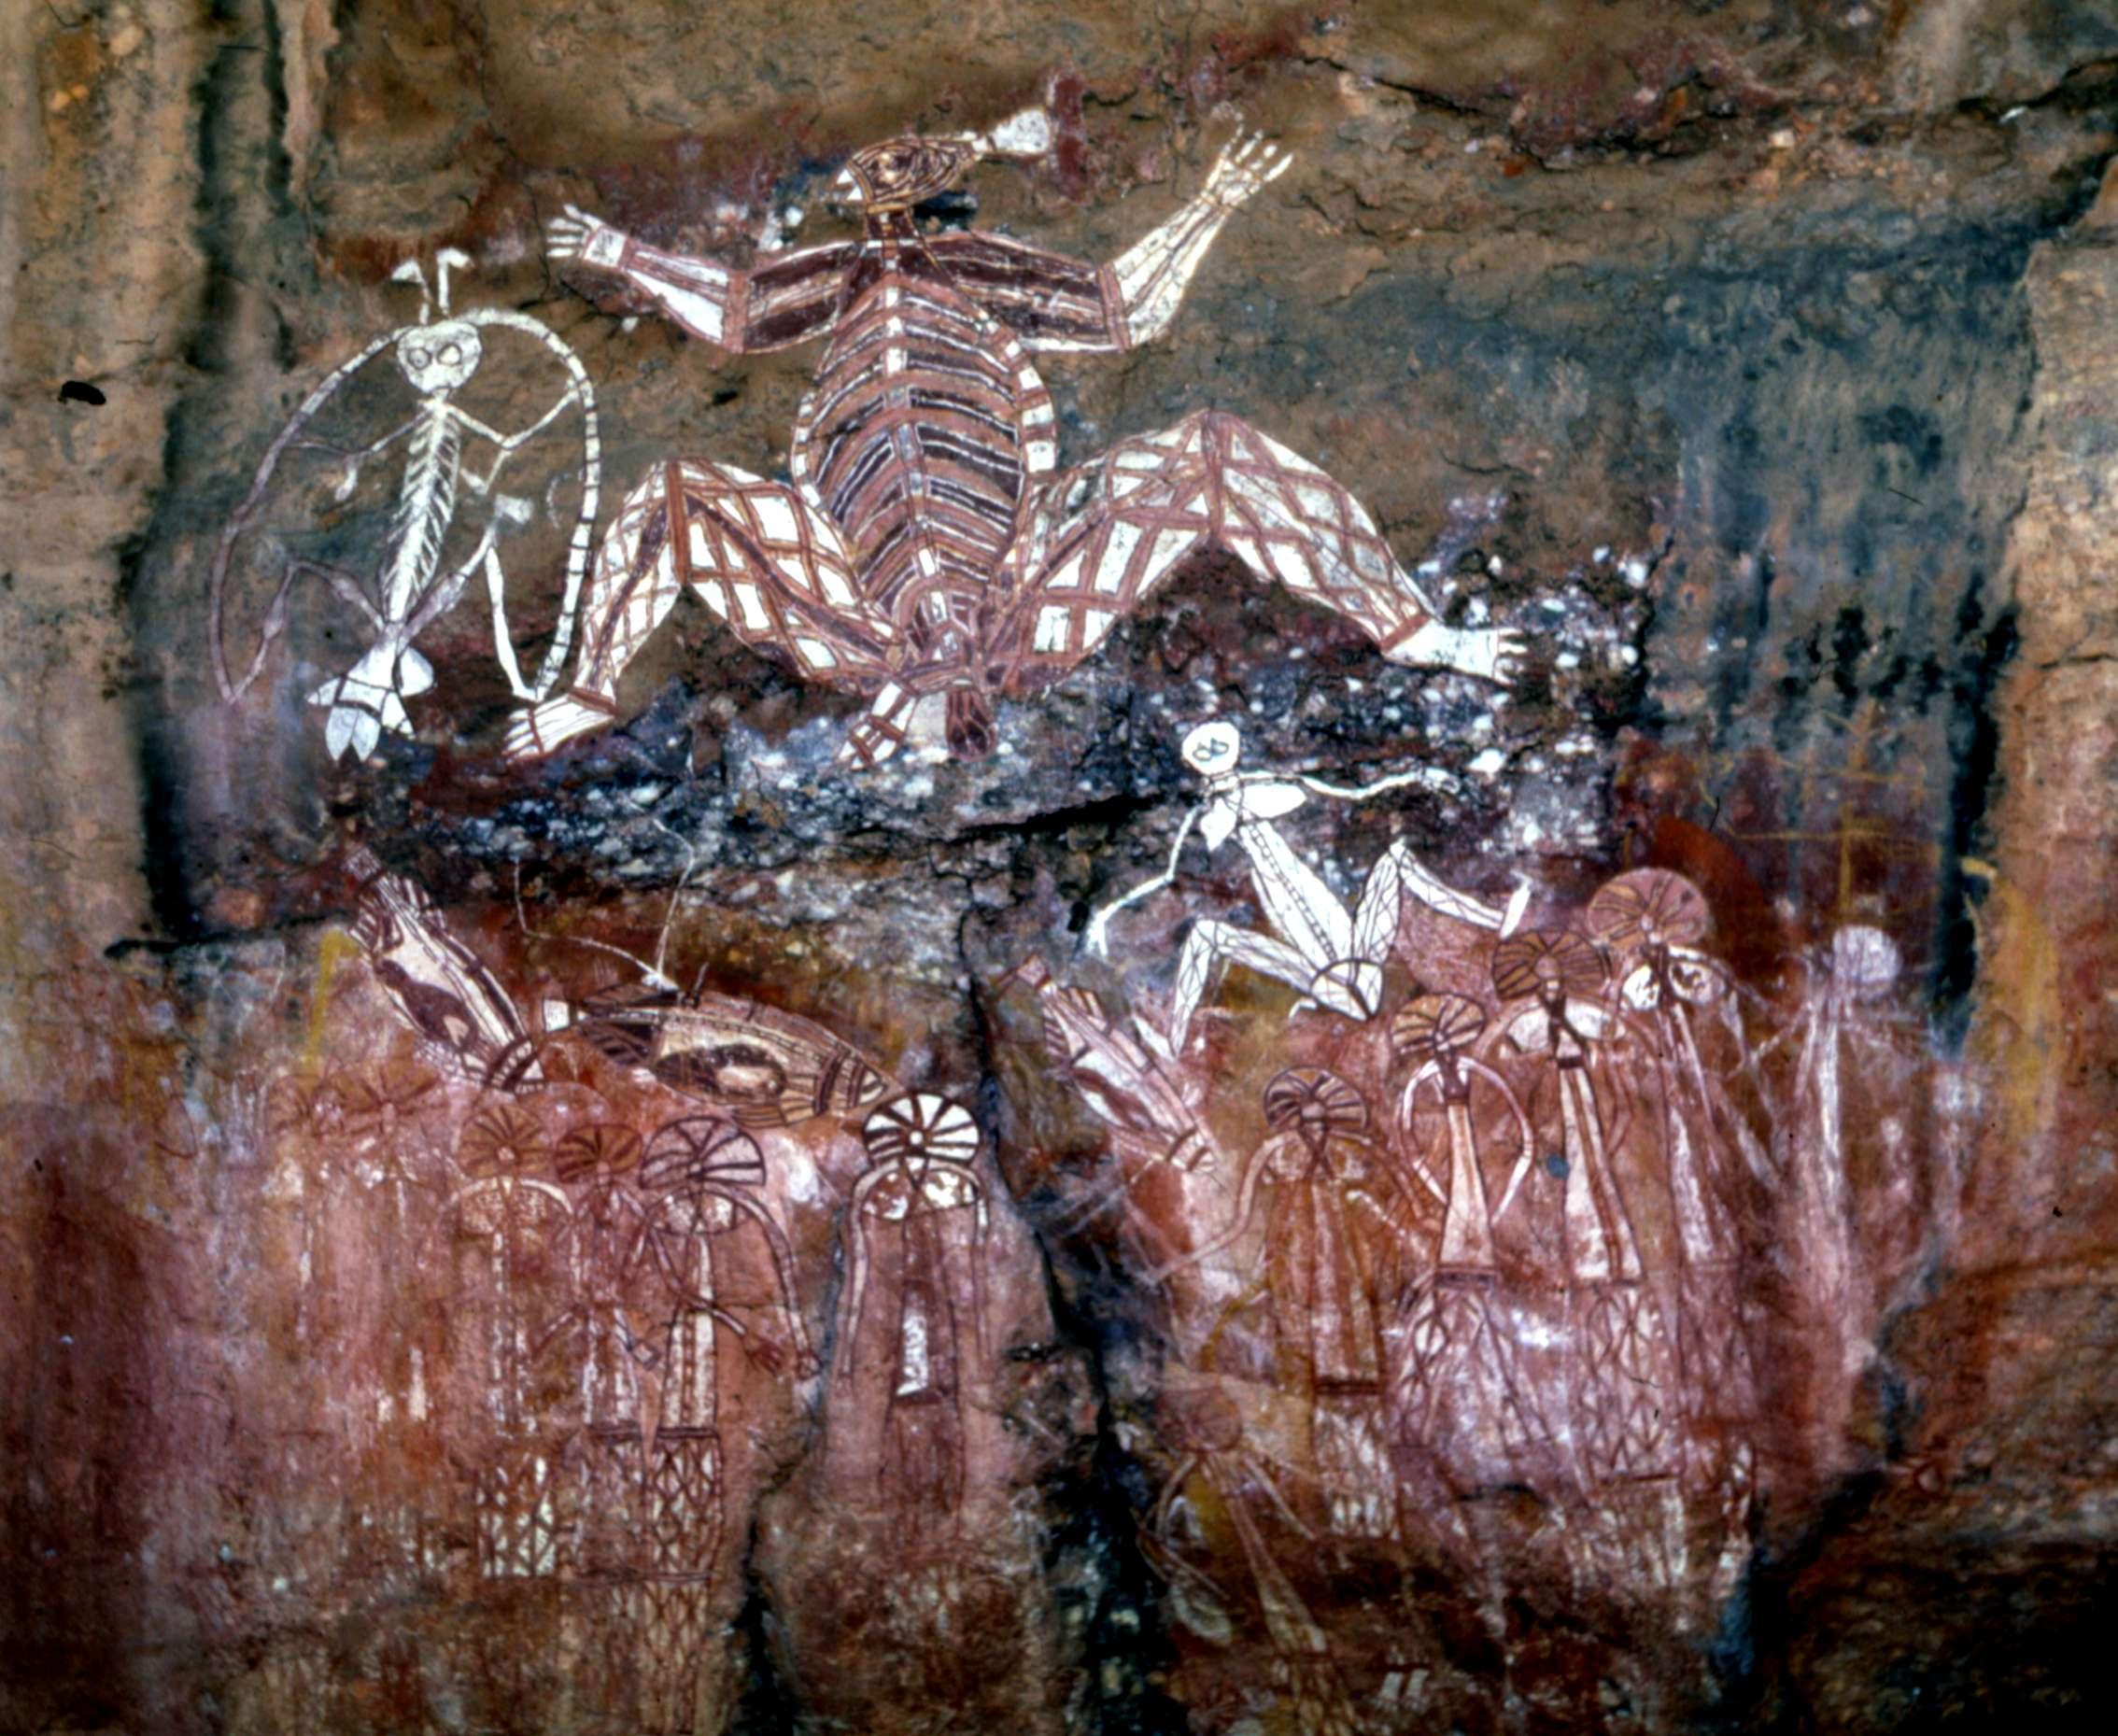 Aborigines Of Australia Secret Lives Stoves In Remote Australian Indigenous Communities Aboriginal Painting